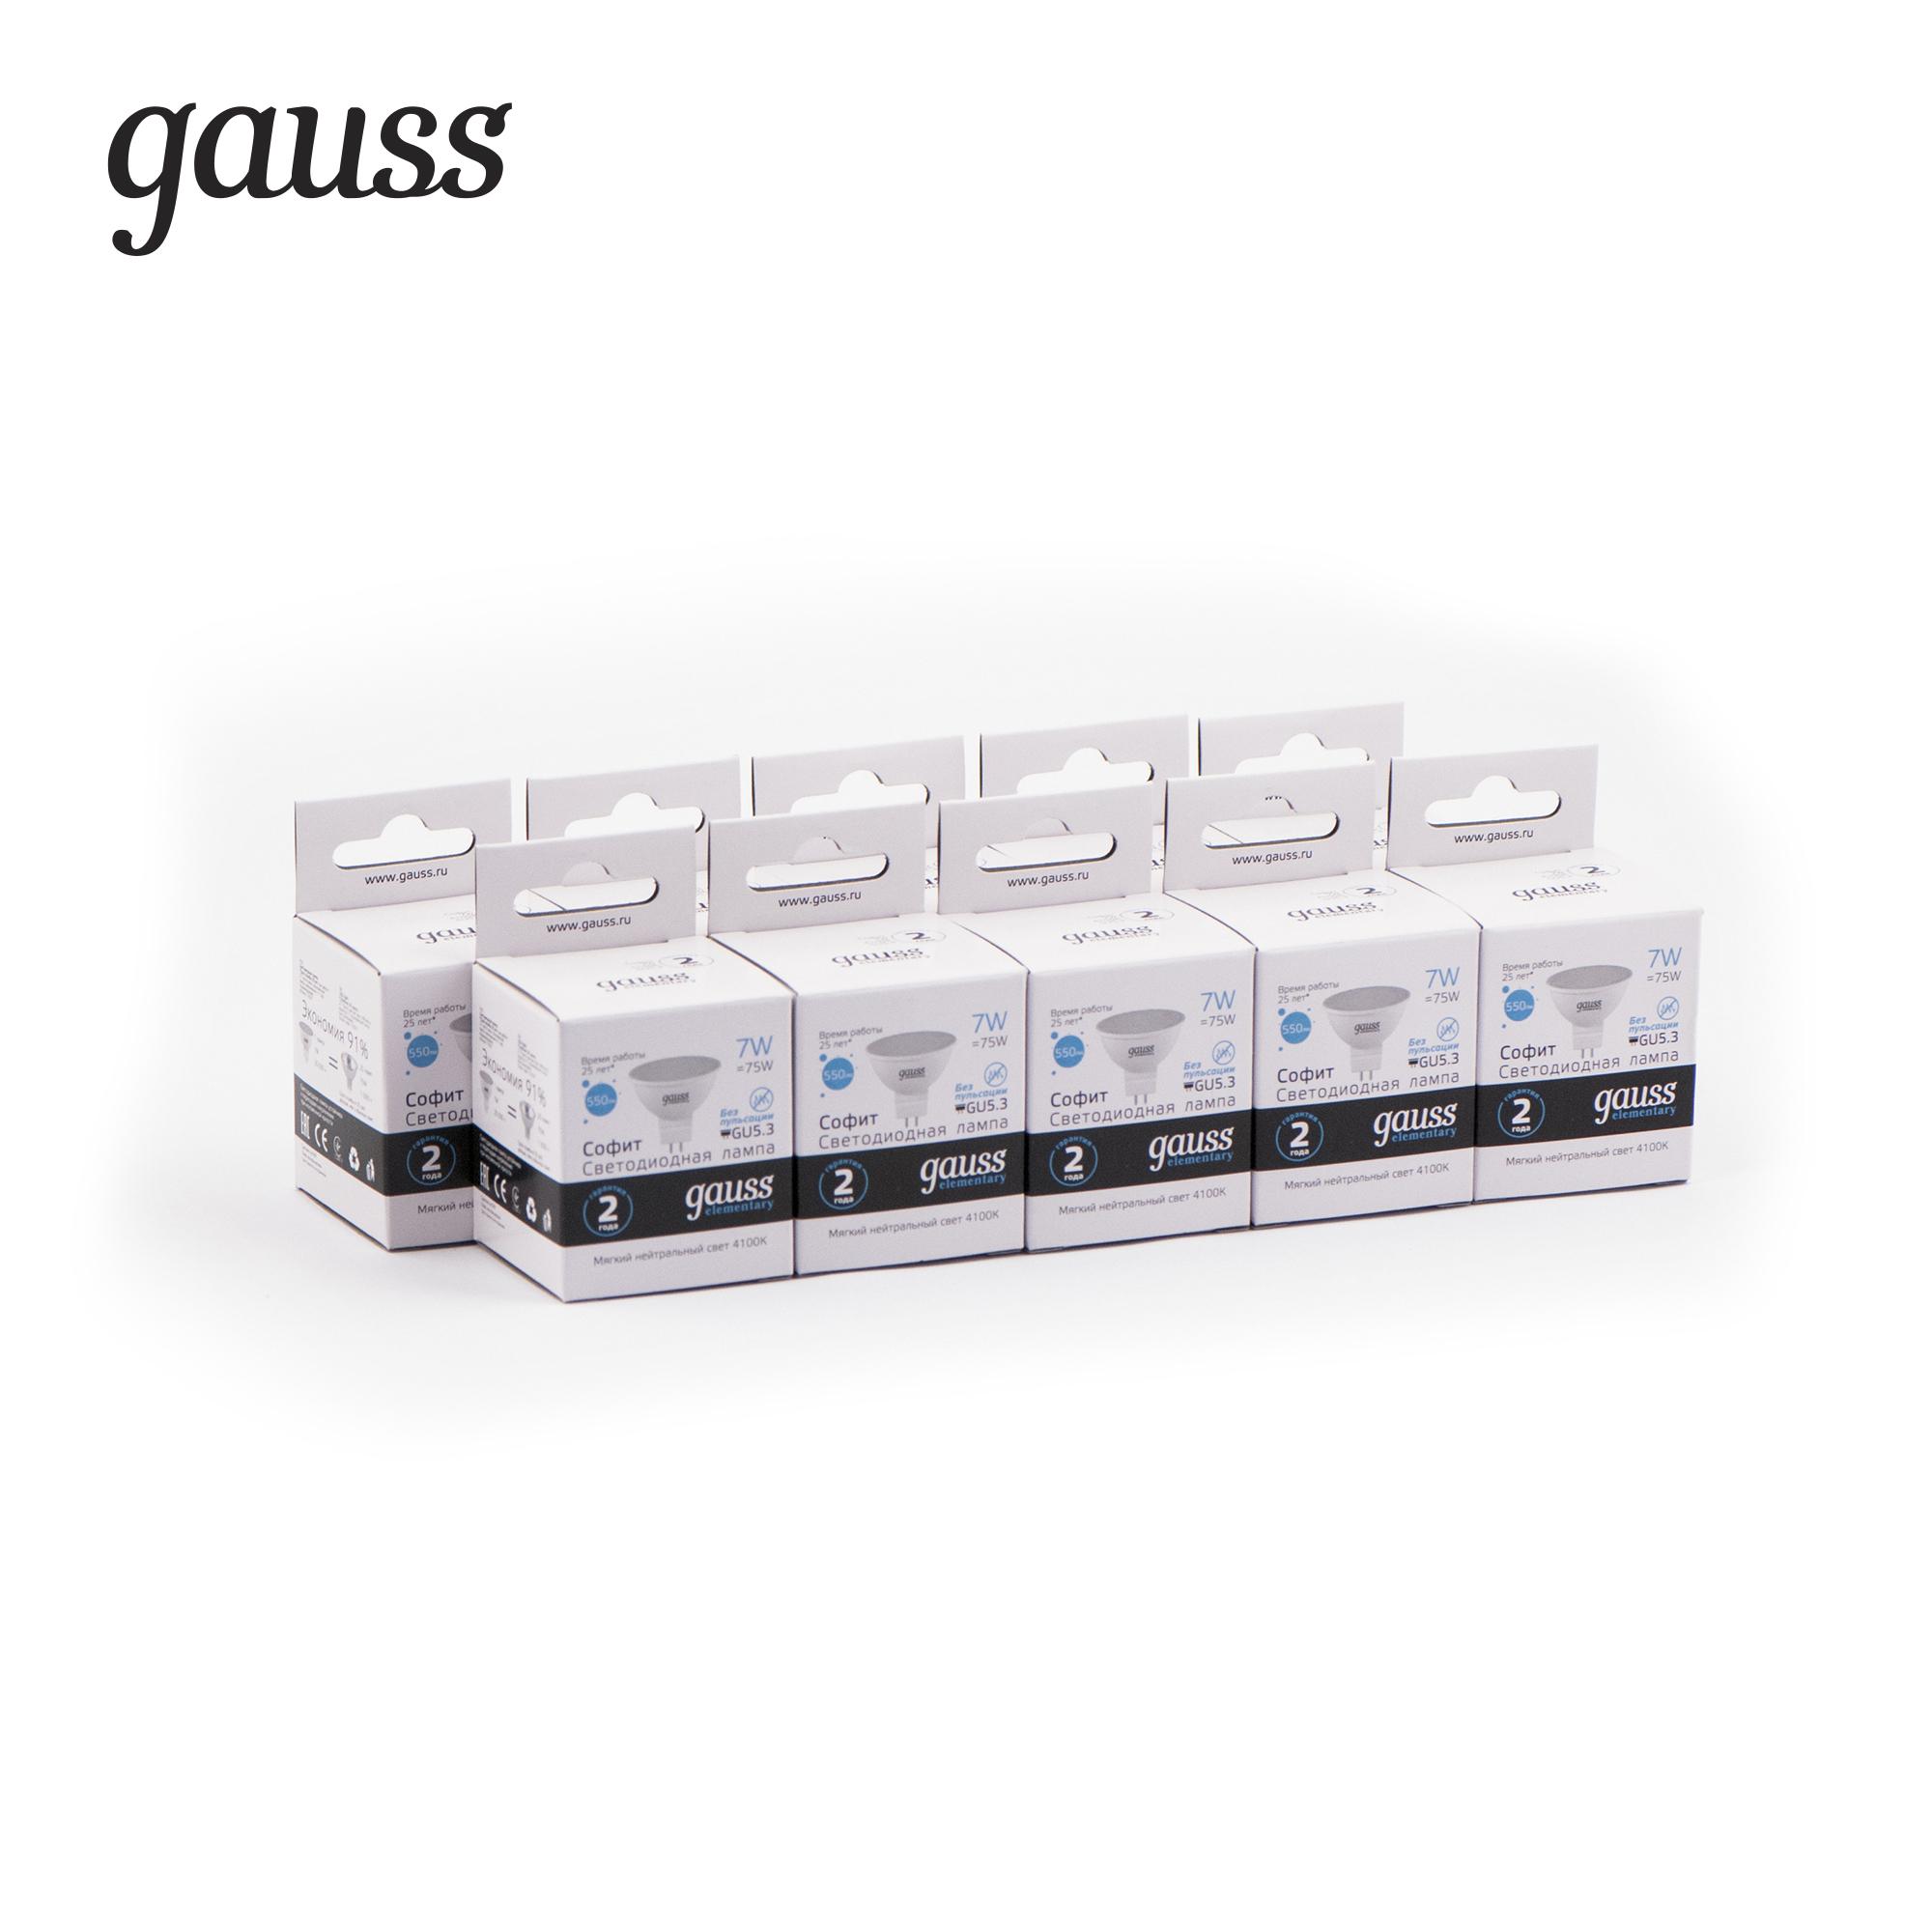 Светодиодная лампа Gauss Elementary 13527 MR16 GU5.3 7W, 4100K (холодный) CRI>80 150-265V, гарантия 2 года - фото 4